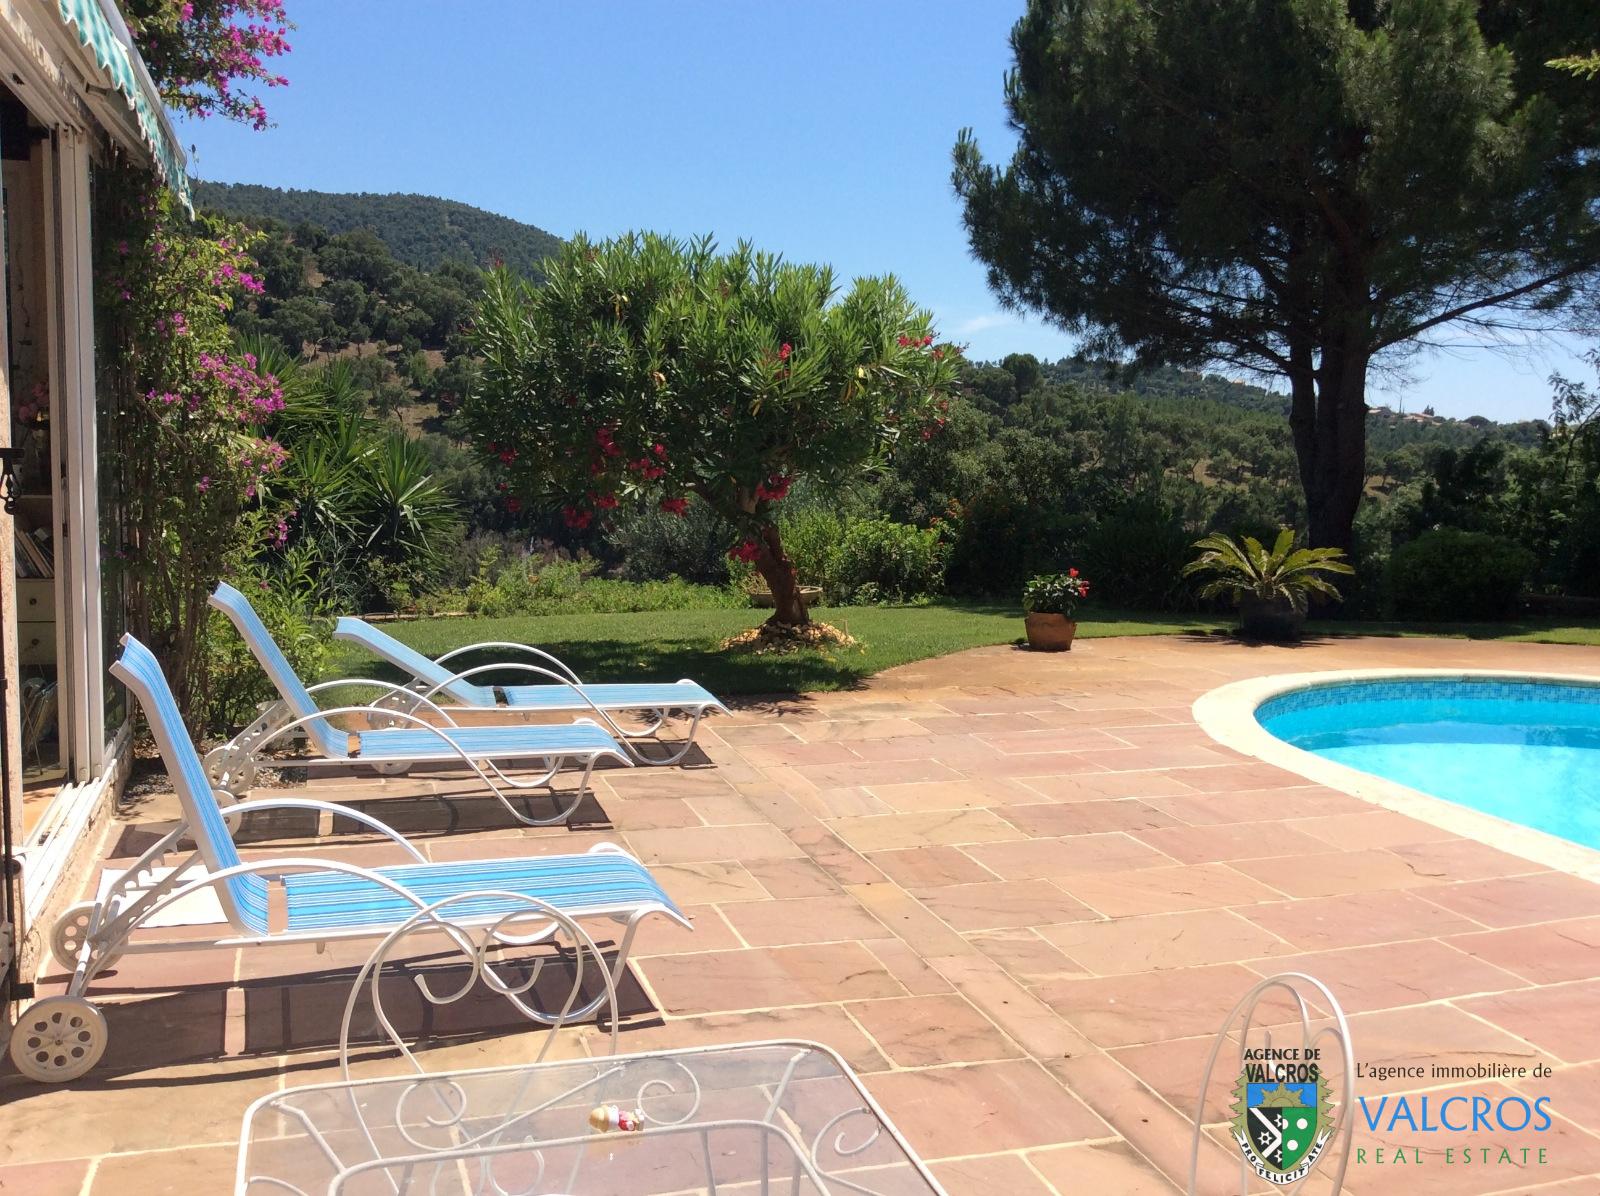 Vente vente villa t5 avec piscine golf de valcros la londe for Vente accessoire piscine